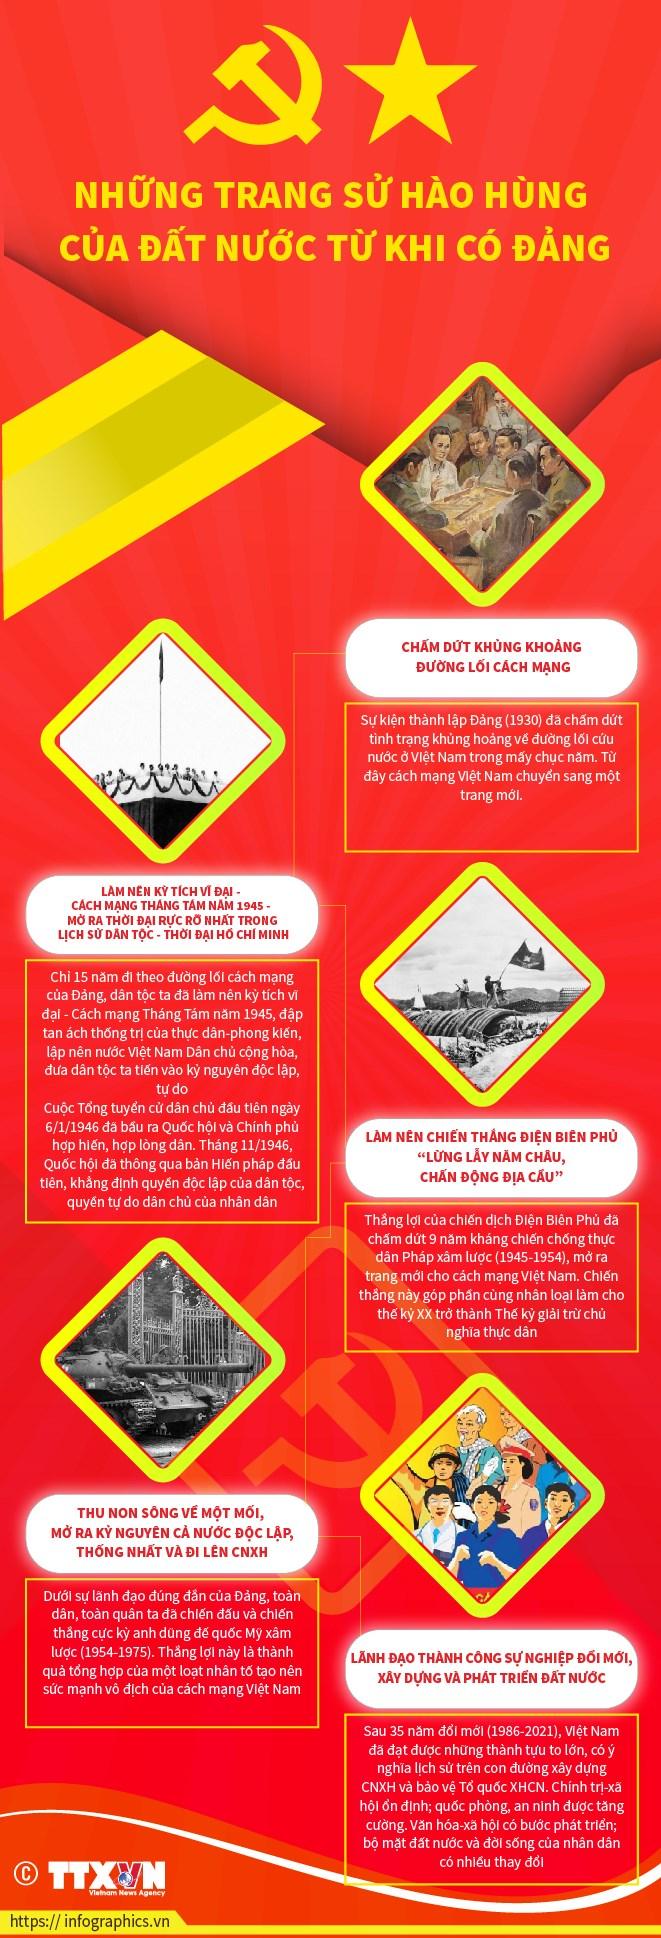 [Infographics] Nhung trang su hao hung cua dat nuoc tu khi co Dang hinh anh 1